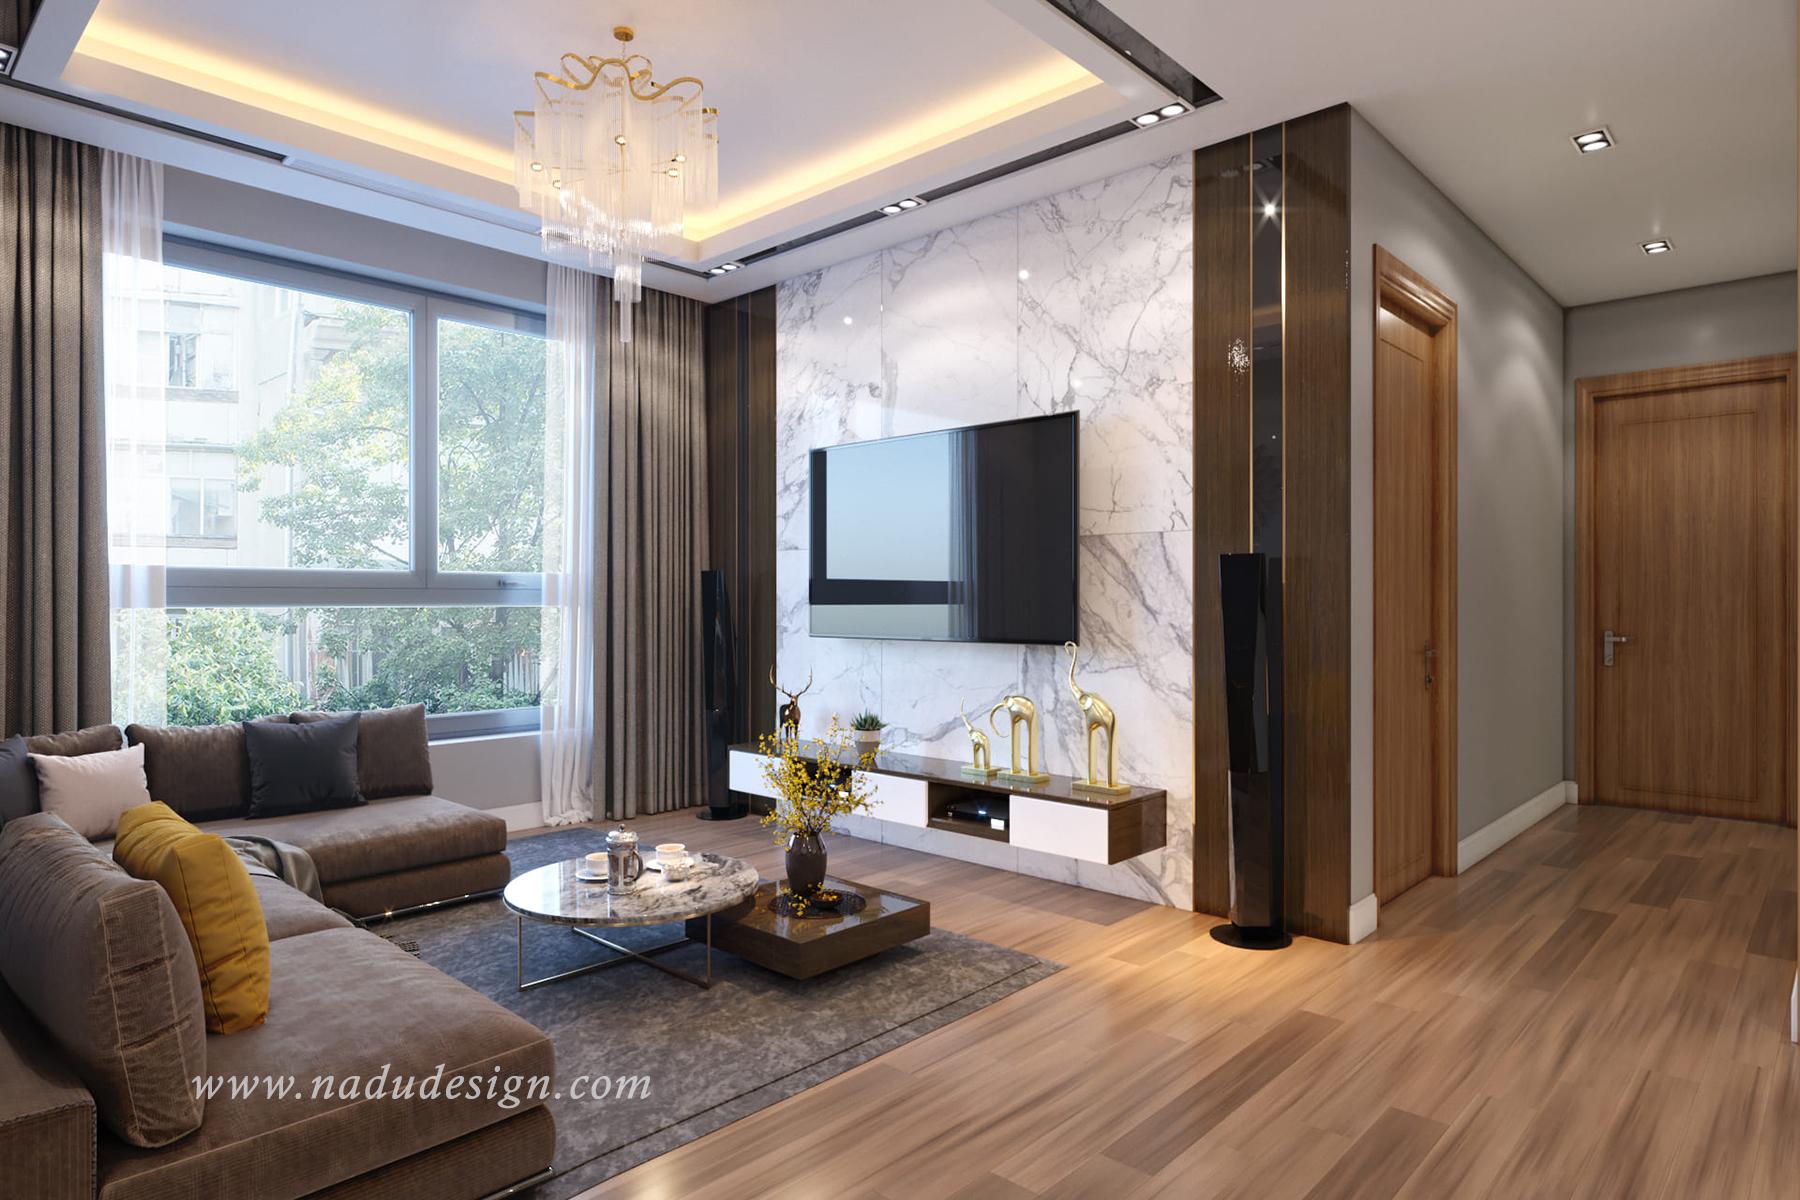 Thiết kế nội thất chung cư B6 Giảng Võ hiện đại và đẳng cấp